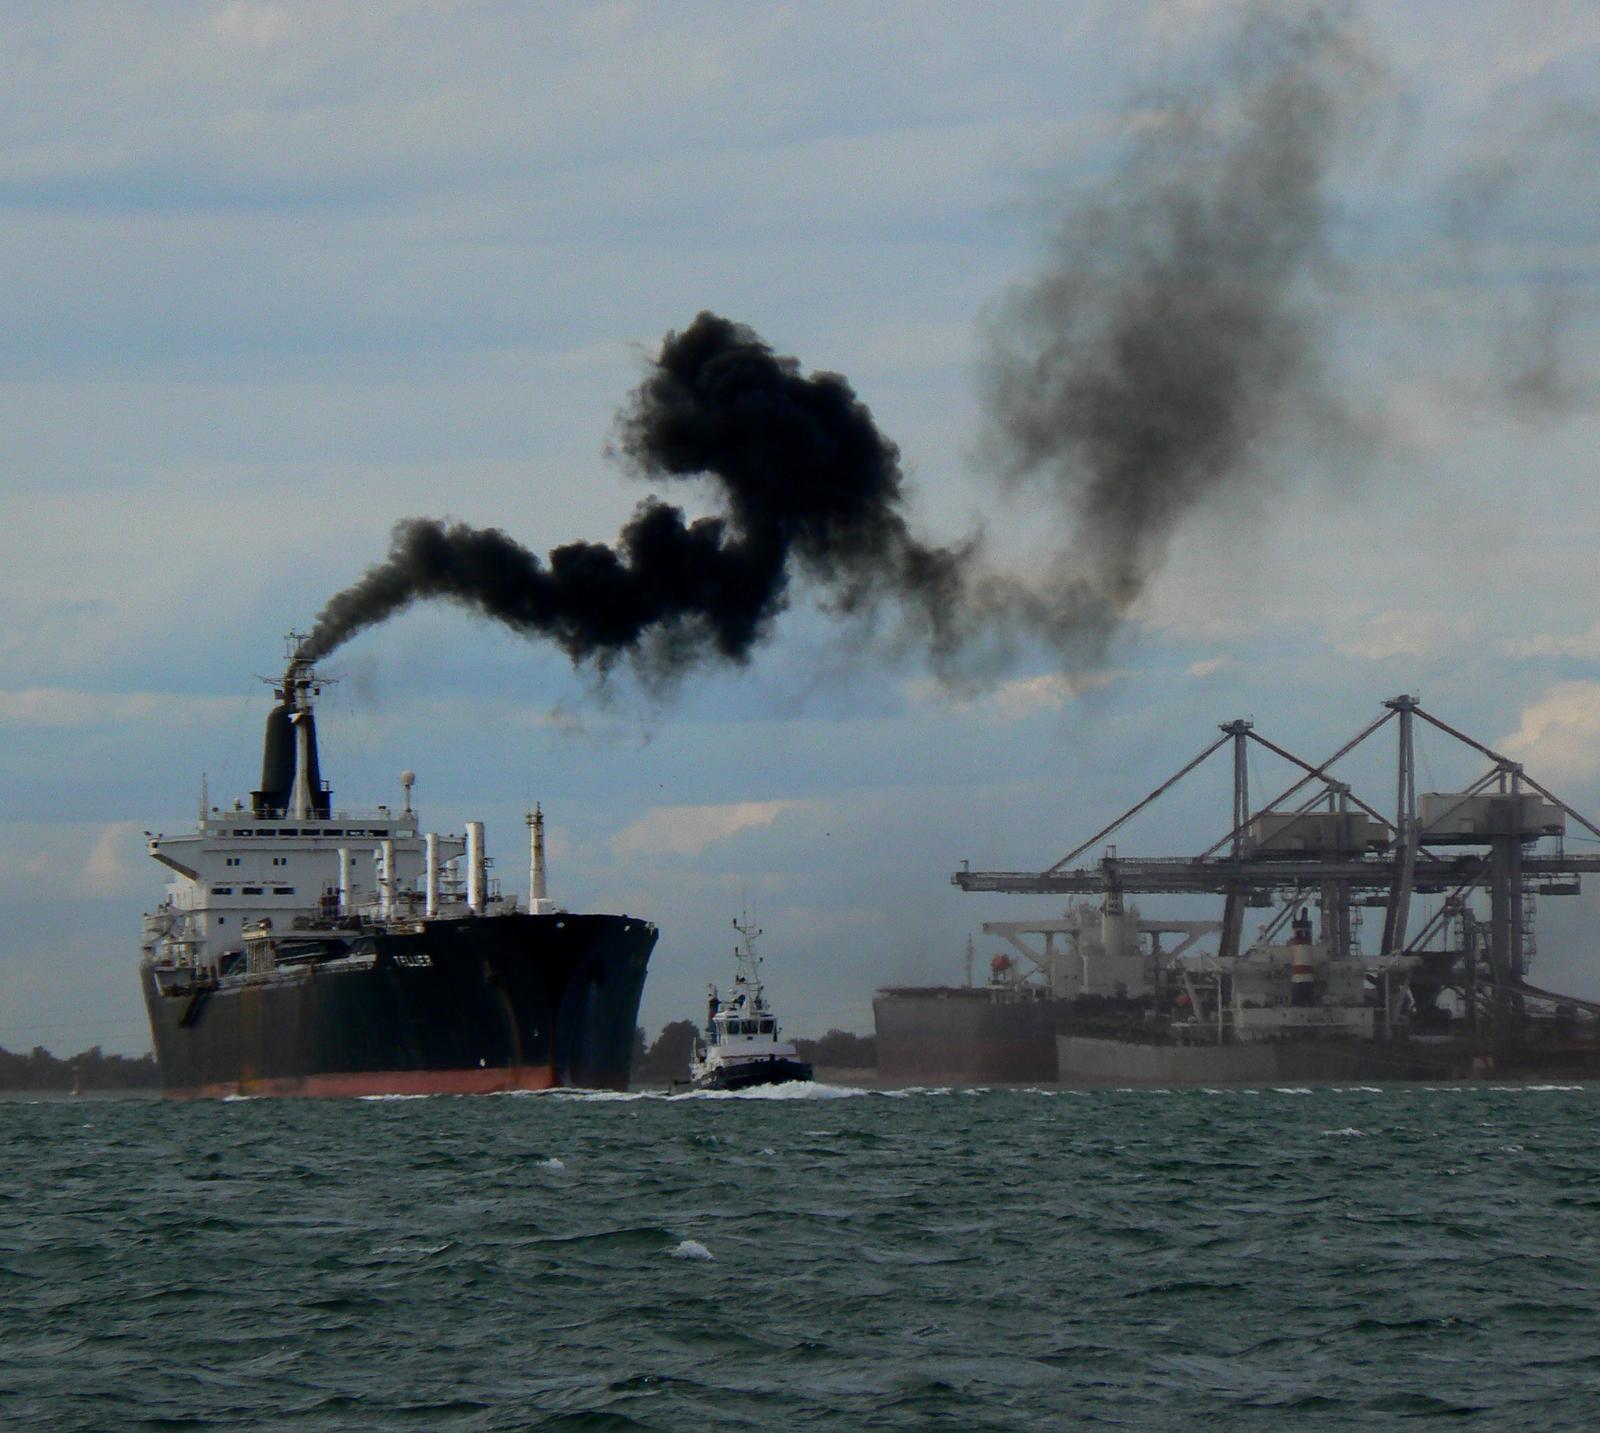 Factcheck: 'Schepen stoten twee keer zoveel broeikasgas uit als auto's'